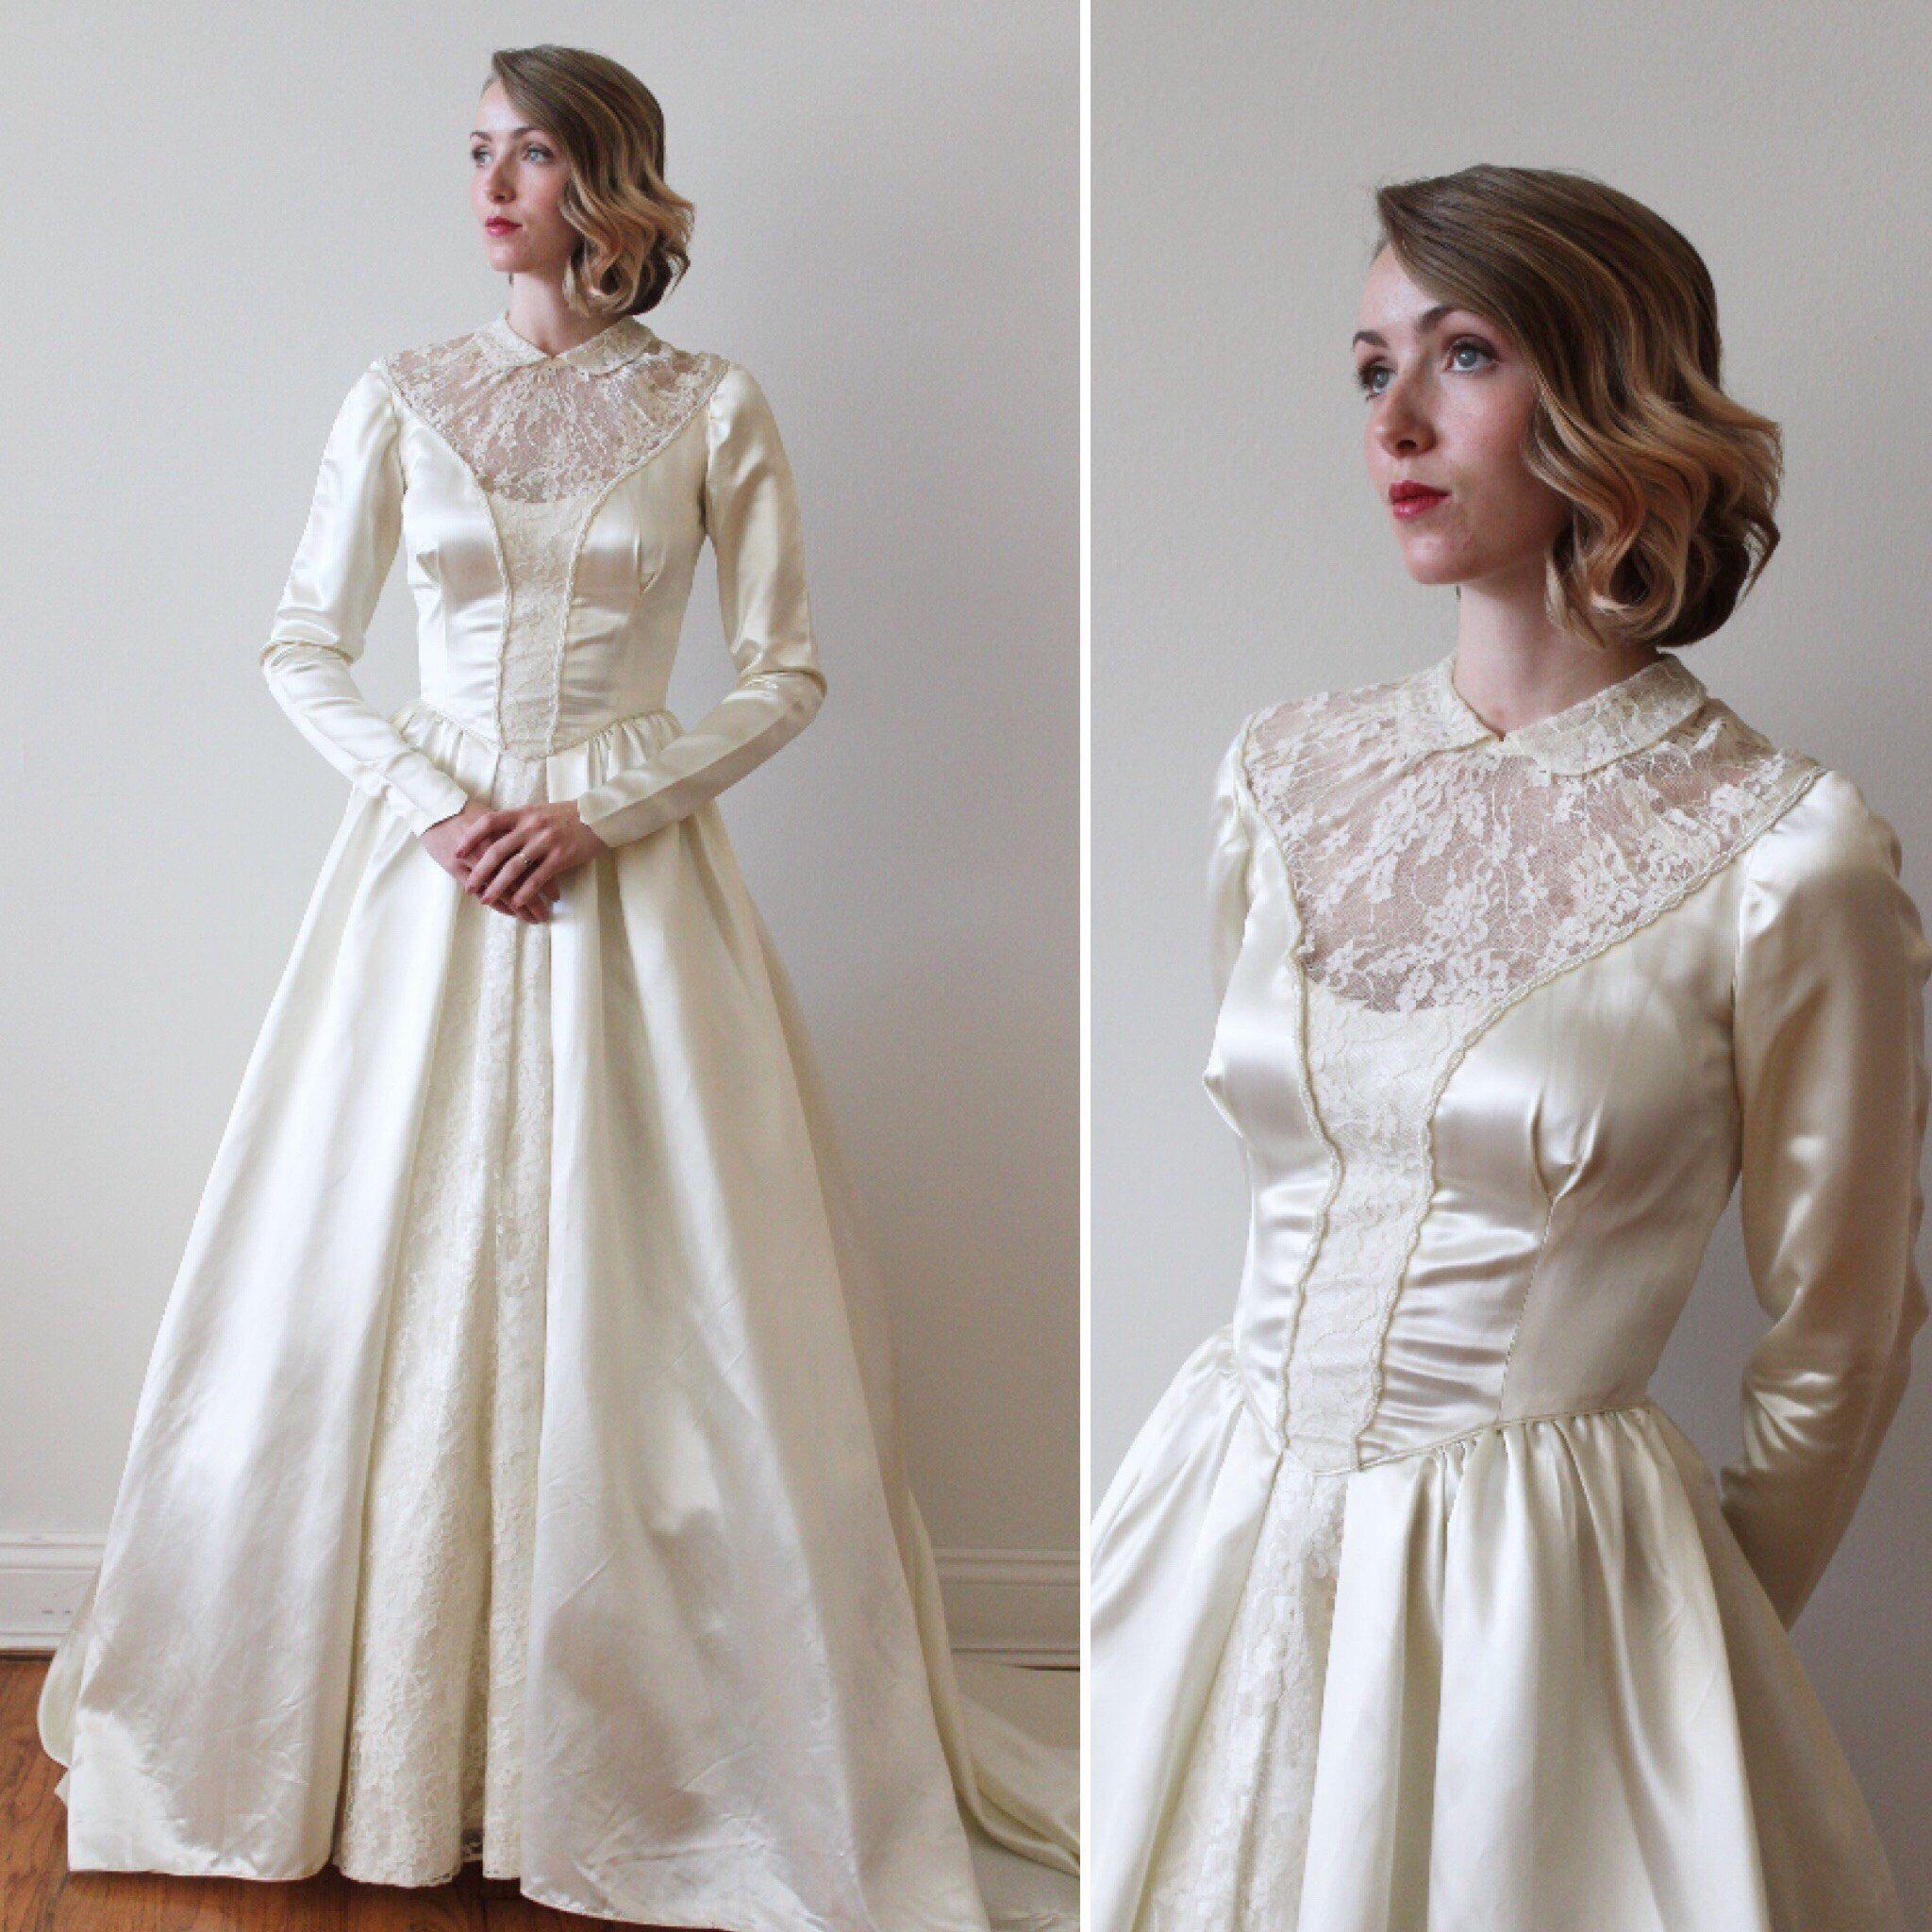 Vintage 1940s Slipper Satin Long Sleeved Wedding Dress